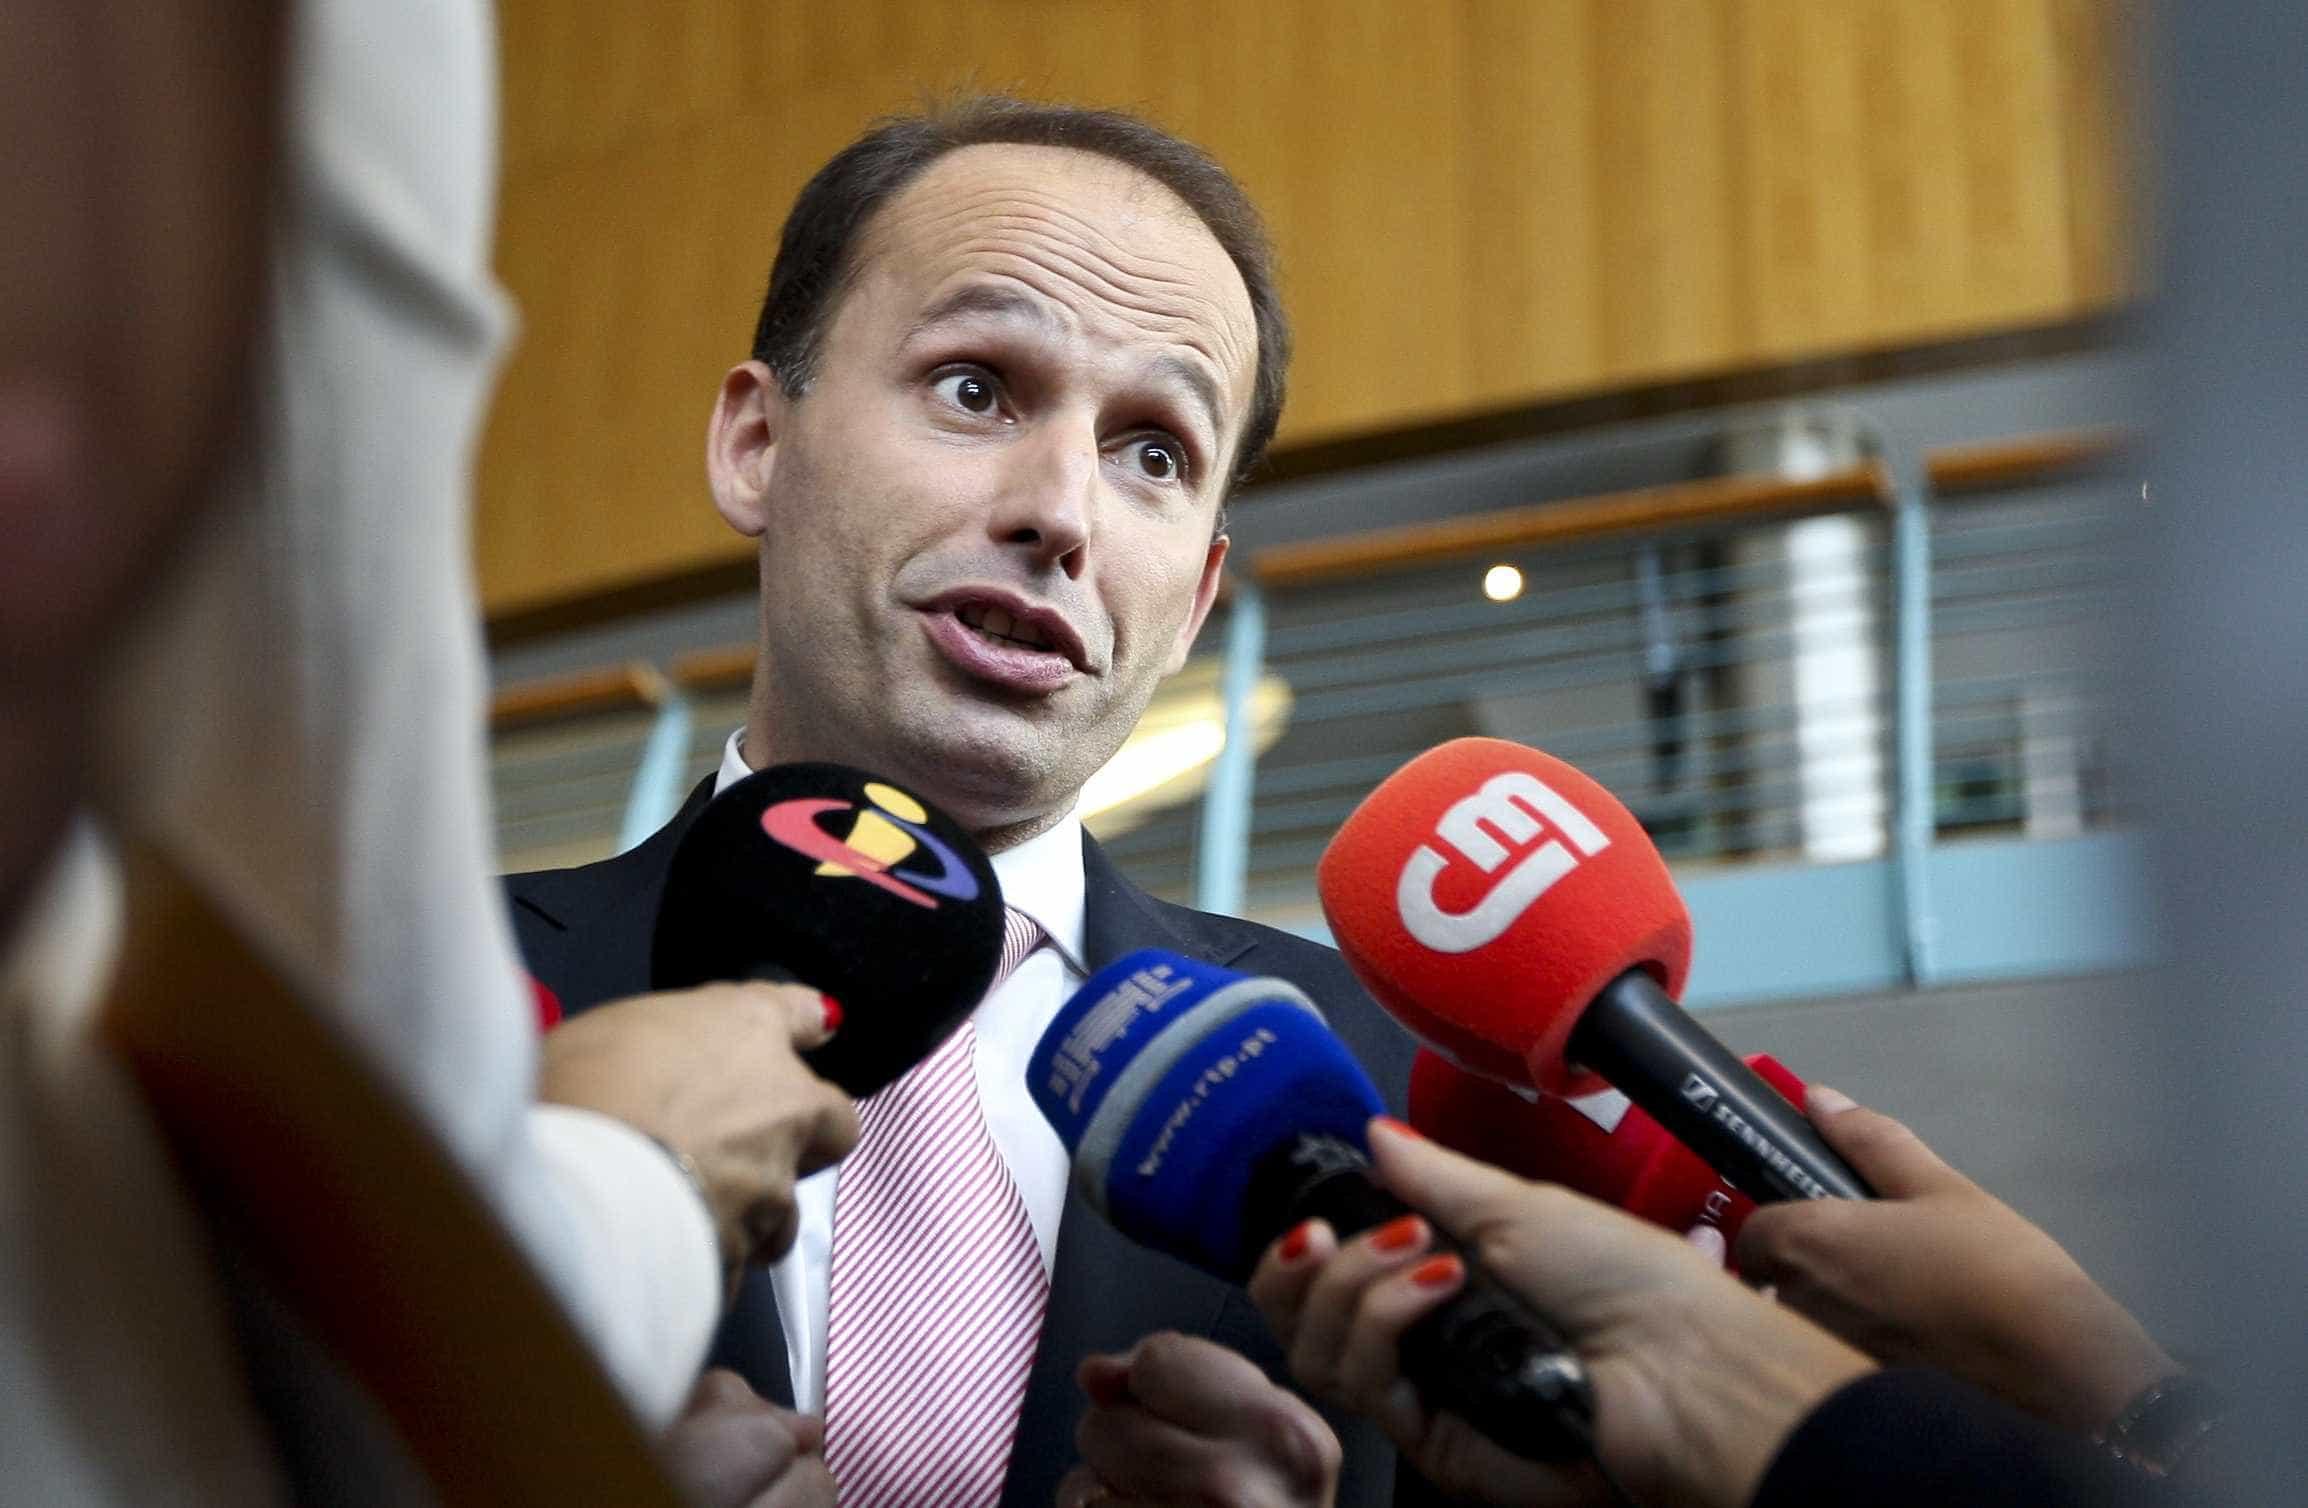 """Carros a 'diesel'. CDS ataca """"declarações irresponsáveis"""" de ministro"""